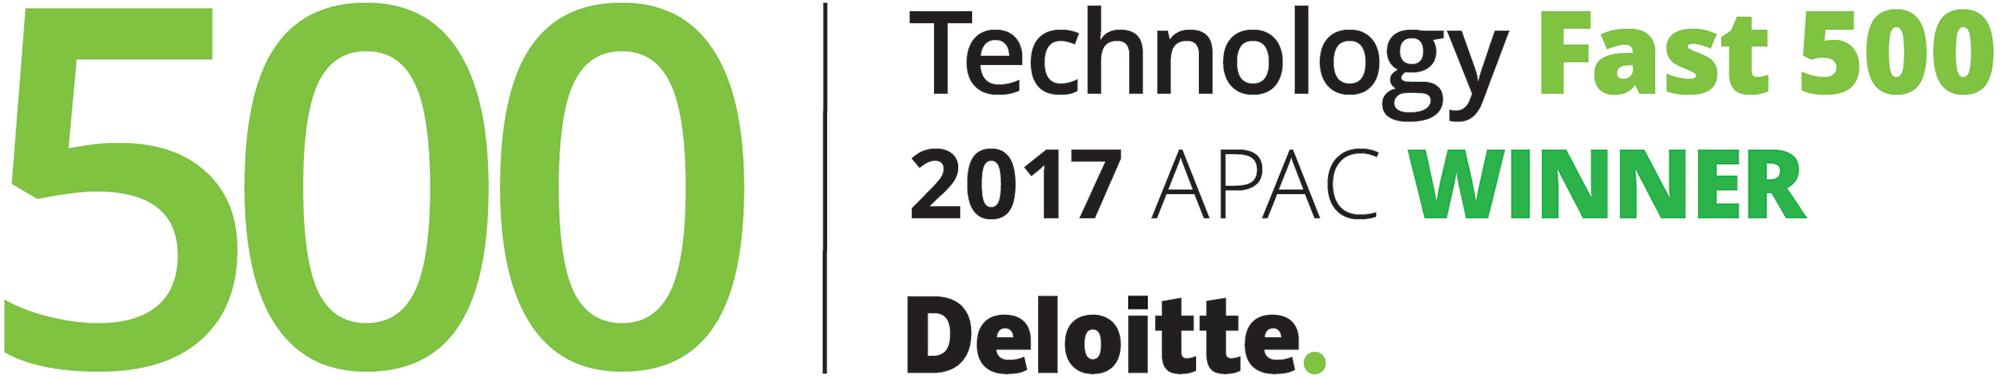 【福島県発、世界のIT企業へ】「デロイト 2017年 アジア太平洋地域テクノロジー Fast500」413位に入賞致しました